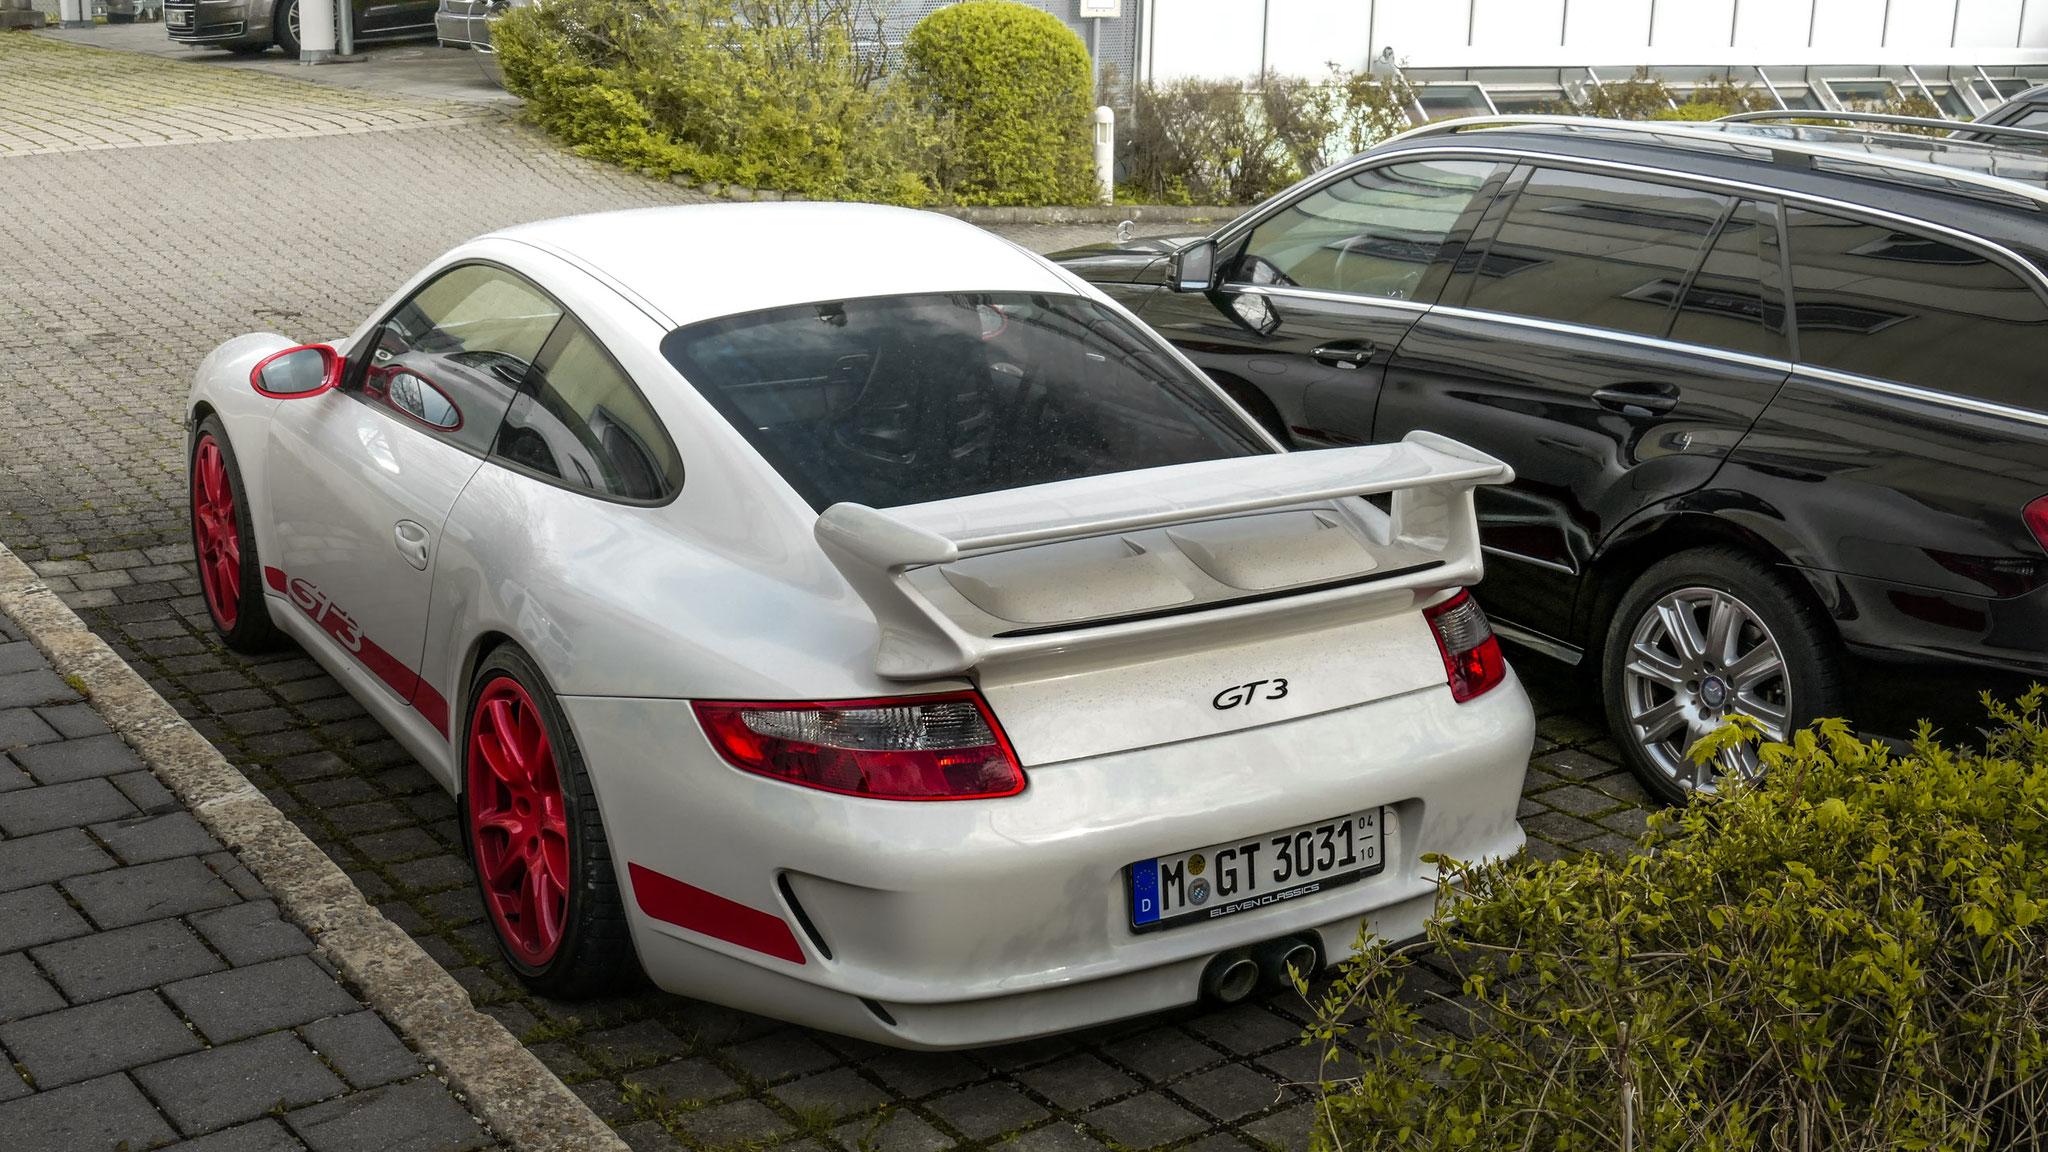 Porsche GT3 997 - M-GT-3031